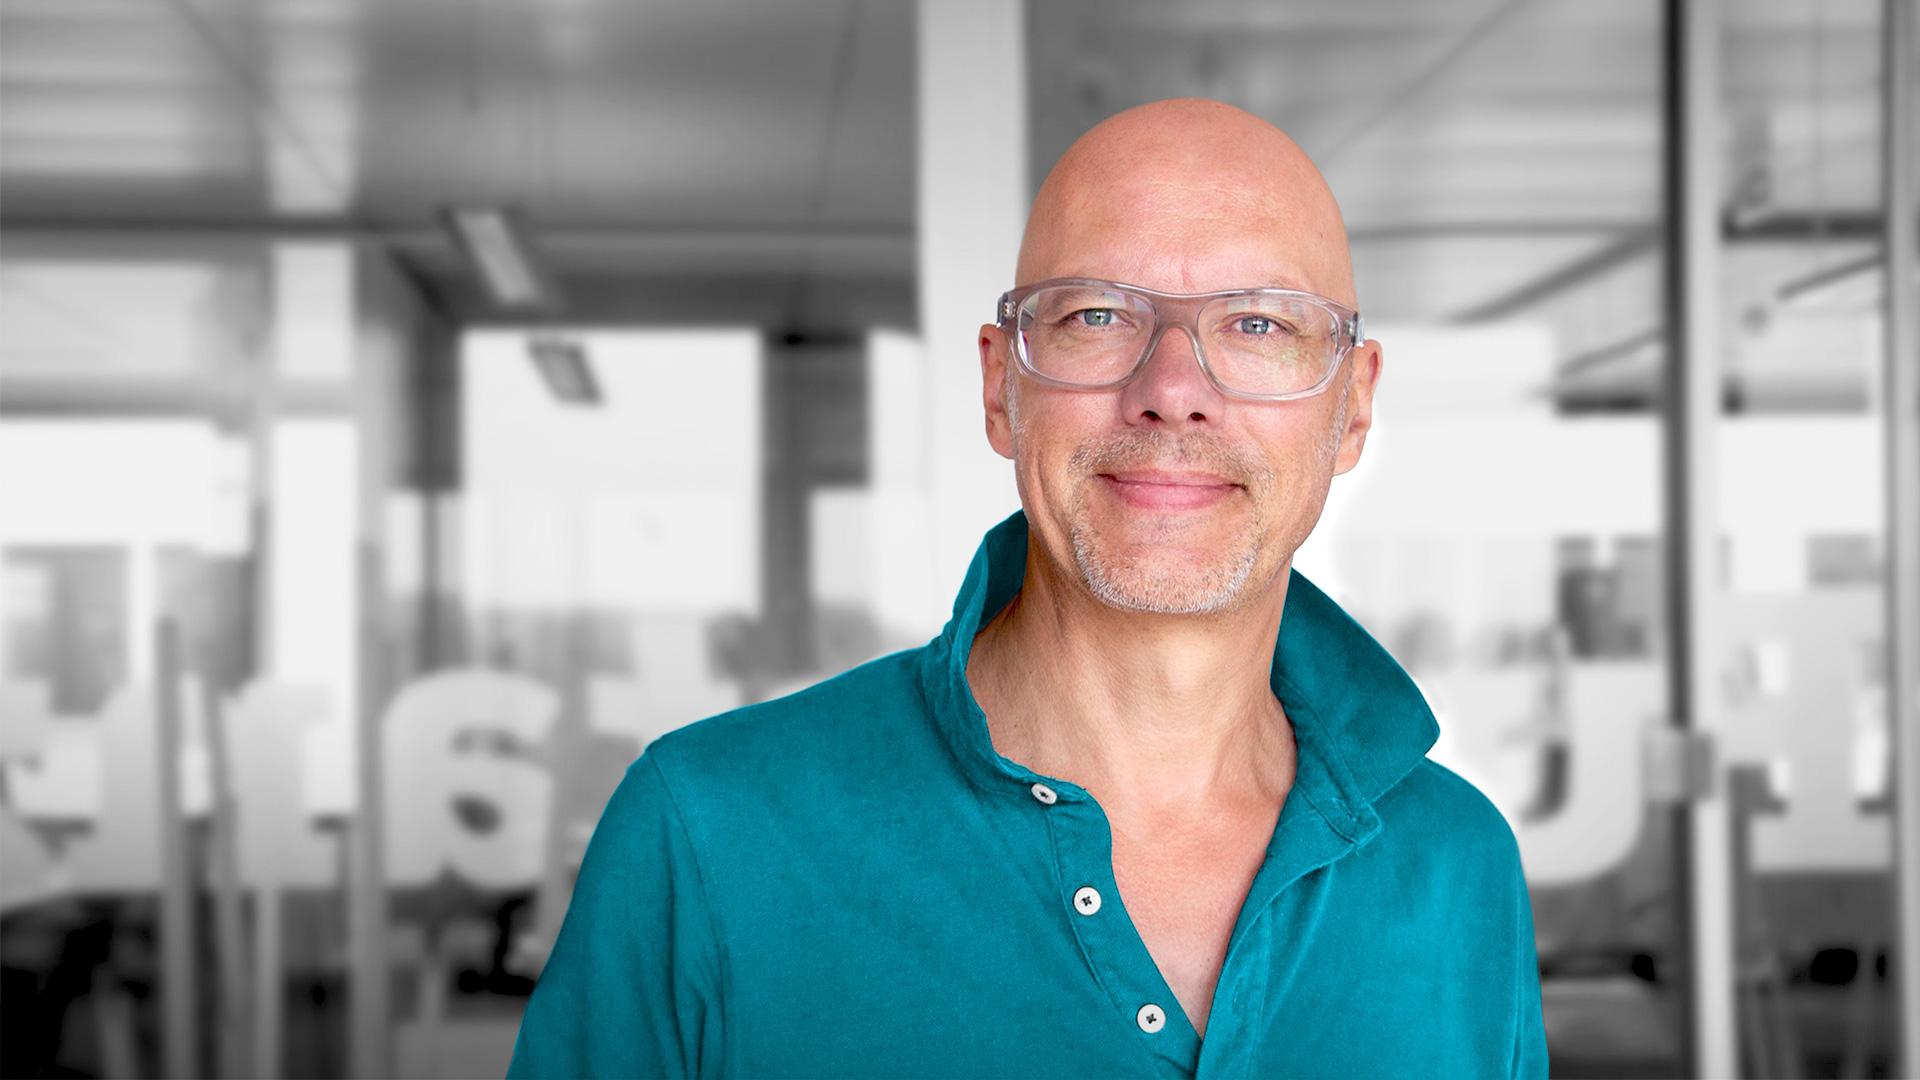 Oliver dietz, dietz.digital –Digitalagentur aus Frankfurt am Main